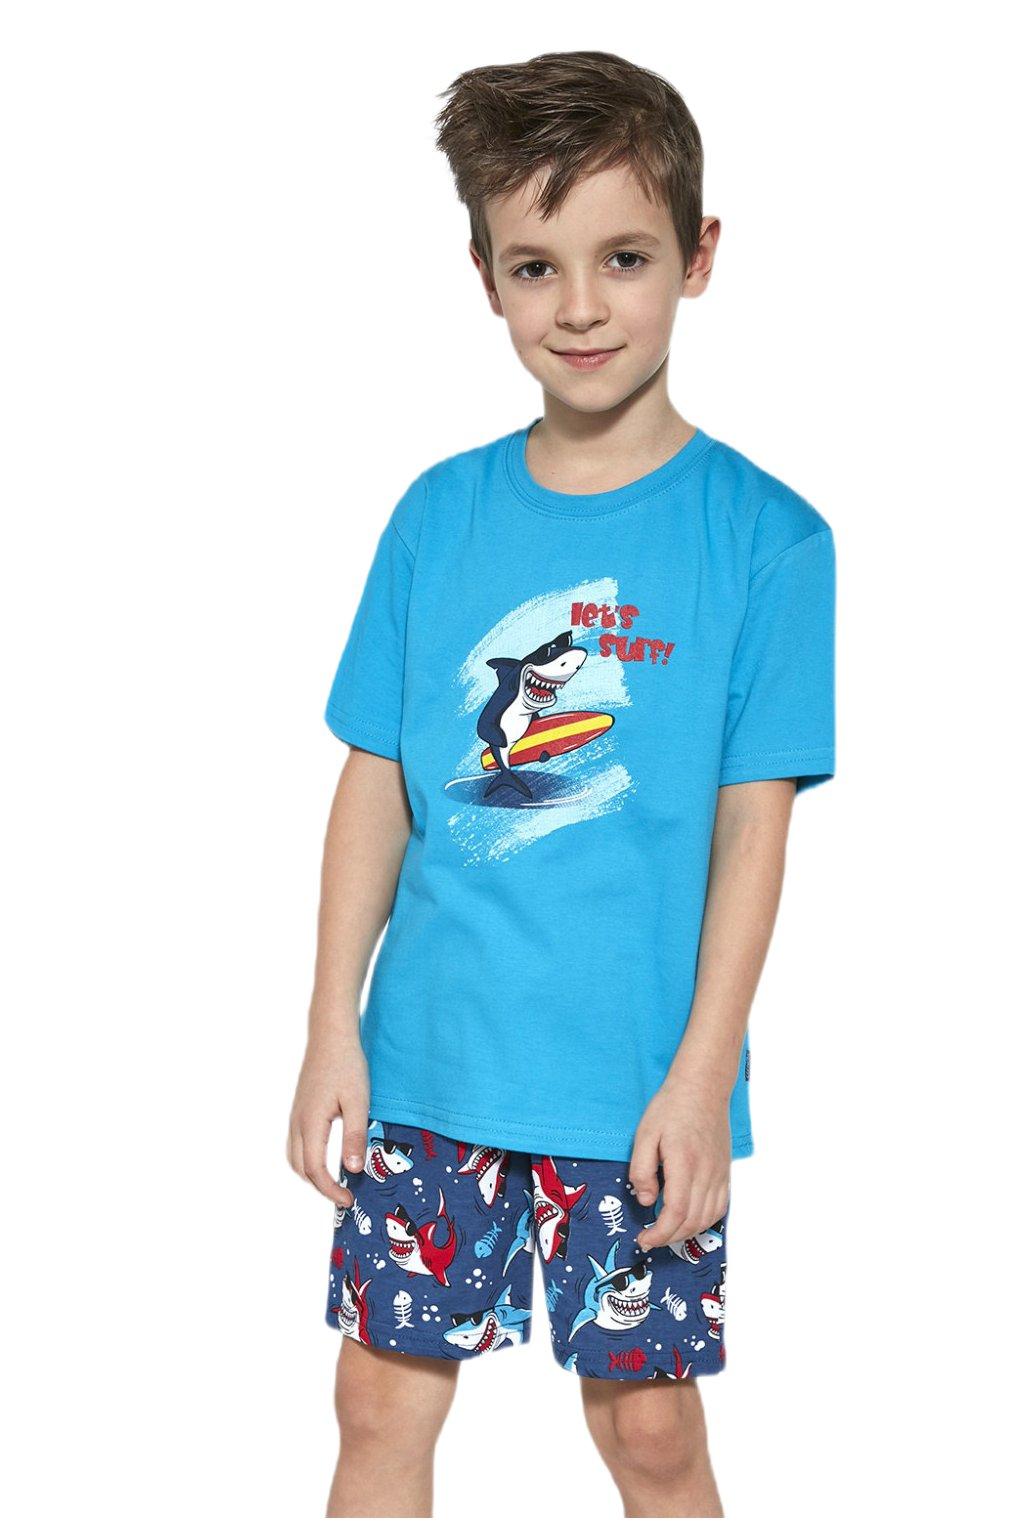 Chlapecké bavlněné pyžamo s krátkým rukávem Cornette 790/90 Shark.